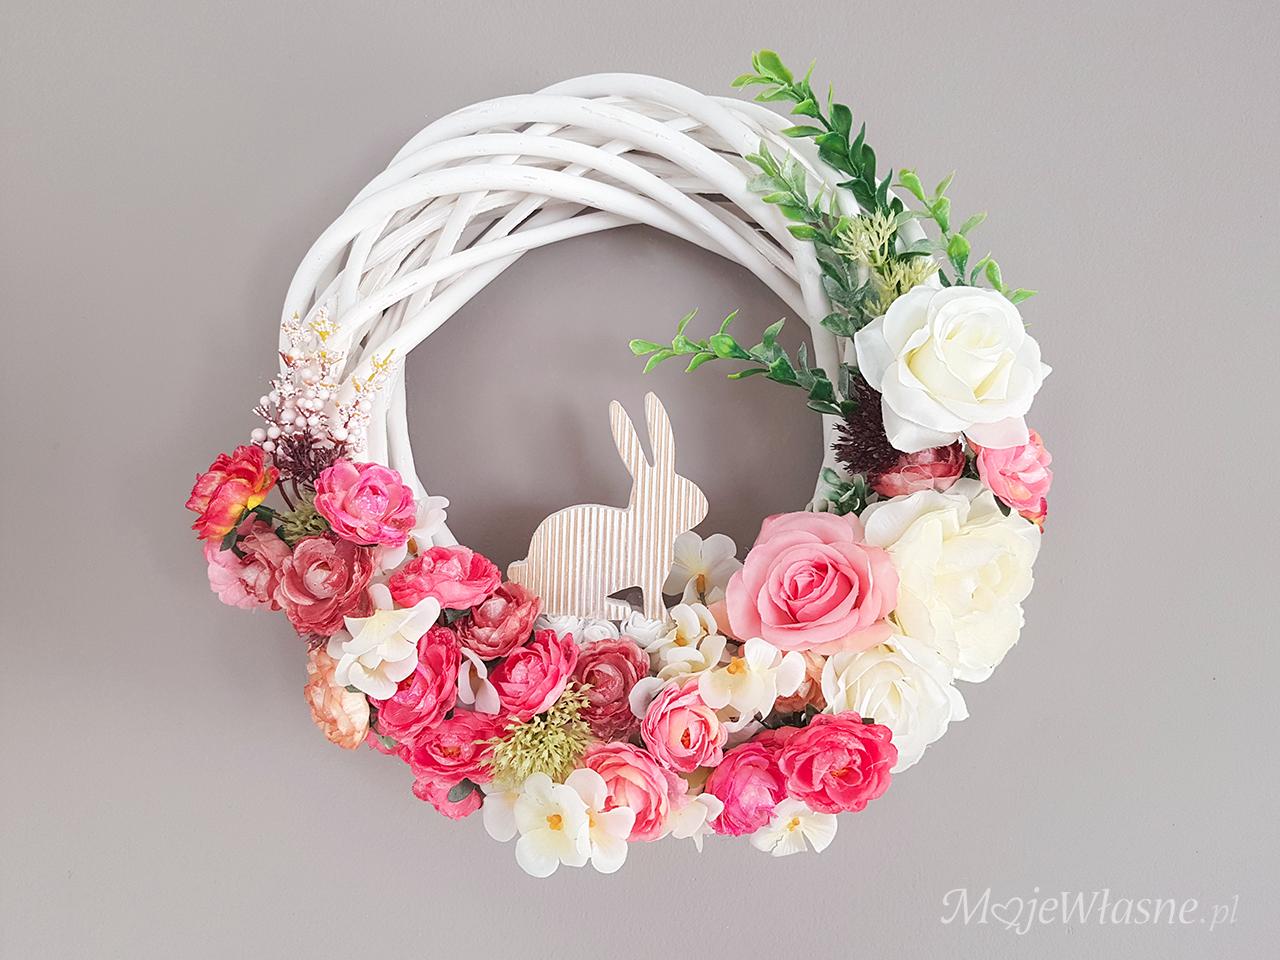 Wiosenne i wielkanocne wianki DIY